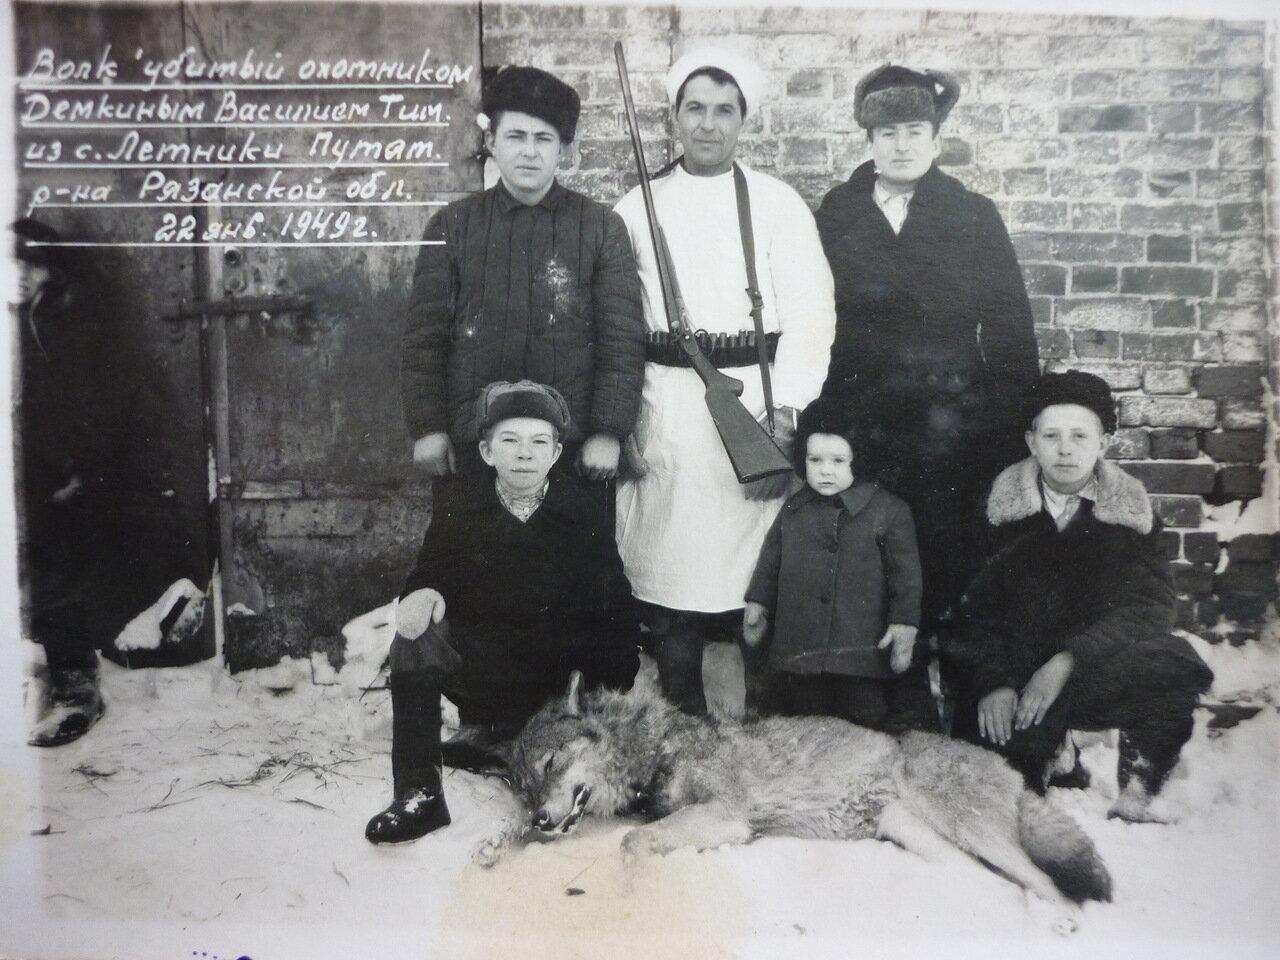 1949, 22 января.  Волк, убитый охотником В.Т.Демкиным. Село Летники Рязанской области